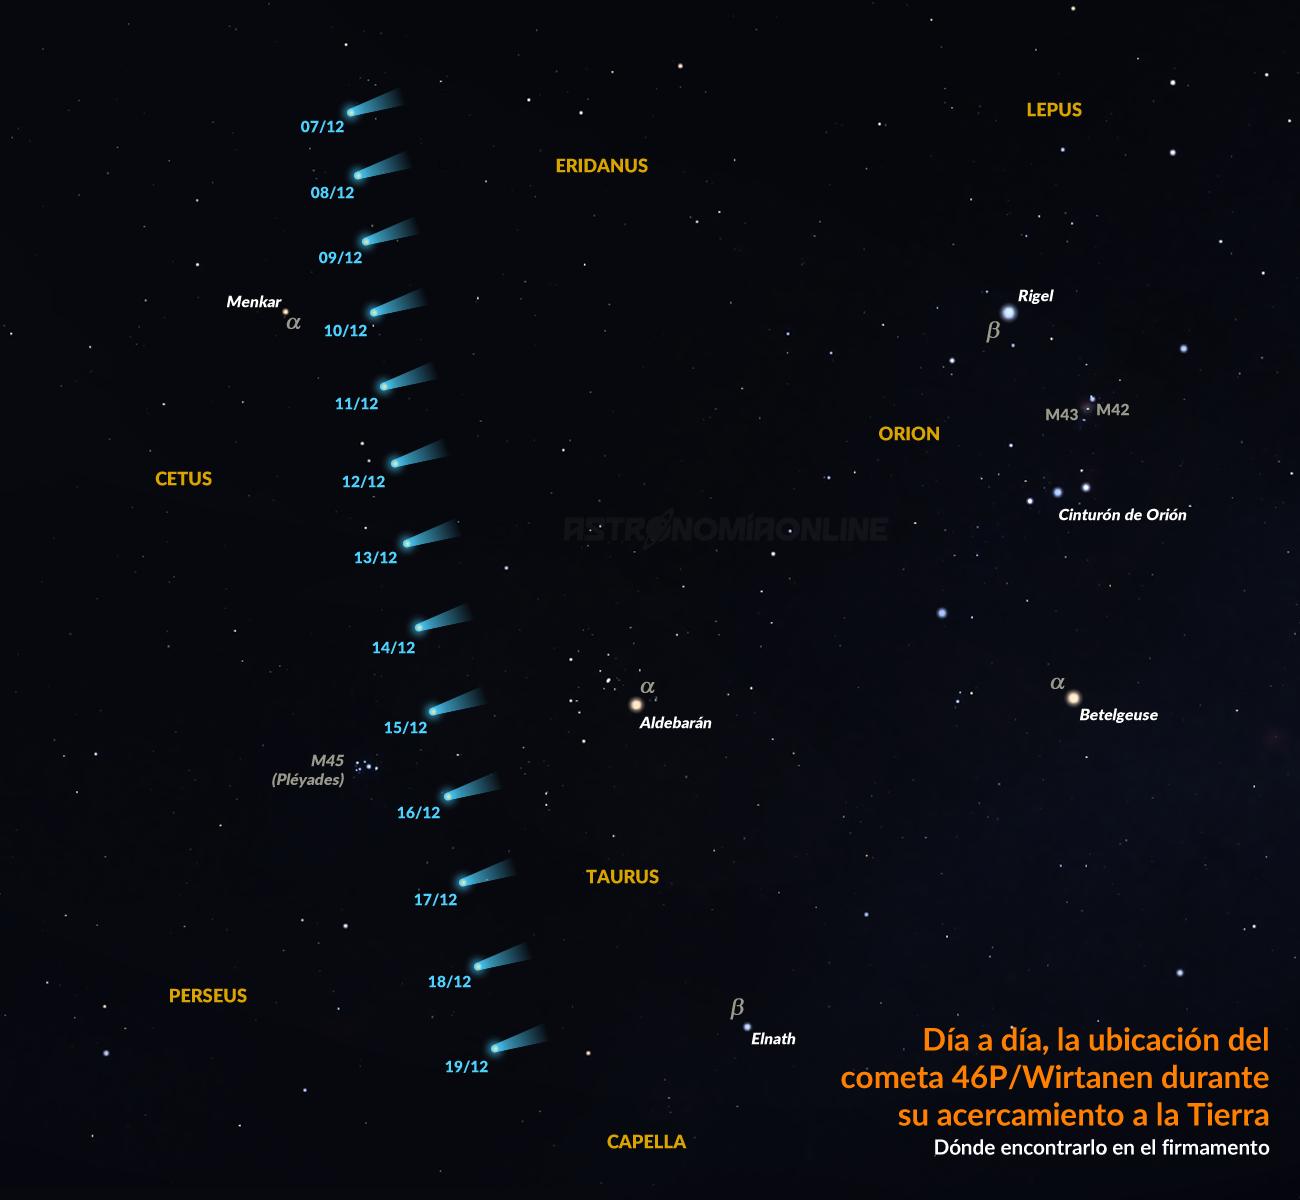 Día a día, la ubicación del cometa 46P/Wirtanen durante su acercamiento a la Tierra